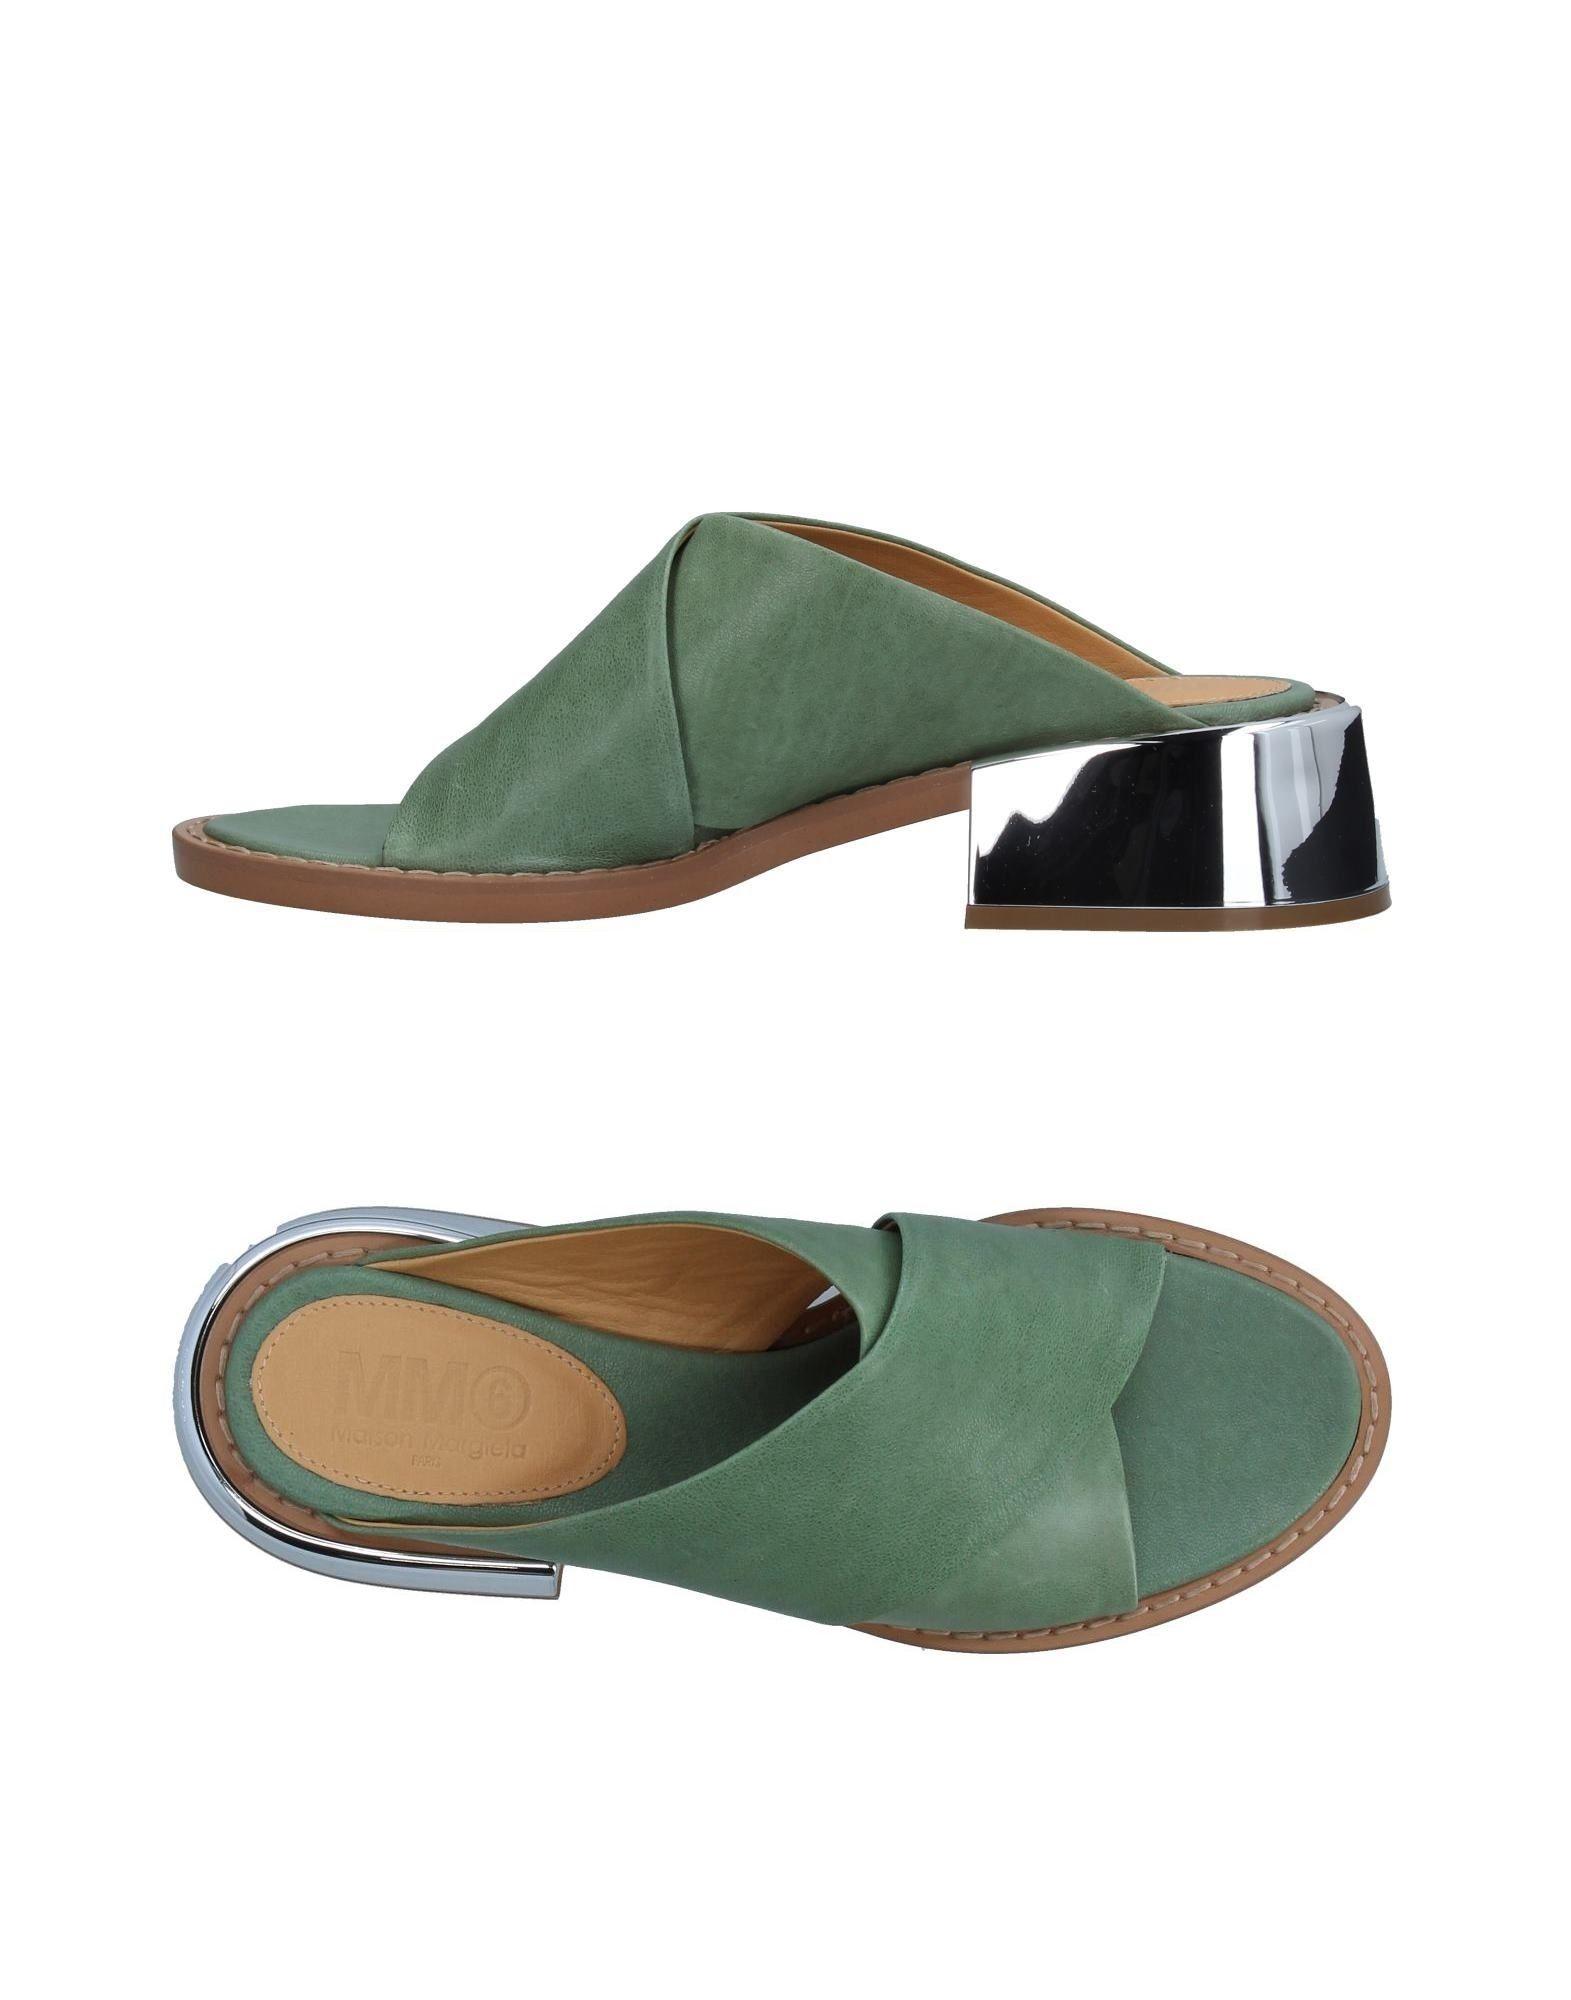 Mm6 Maison Margiela Sandalen Damen  11330125NJ Neue Schuhe